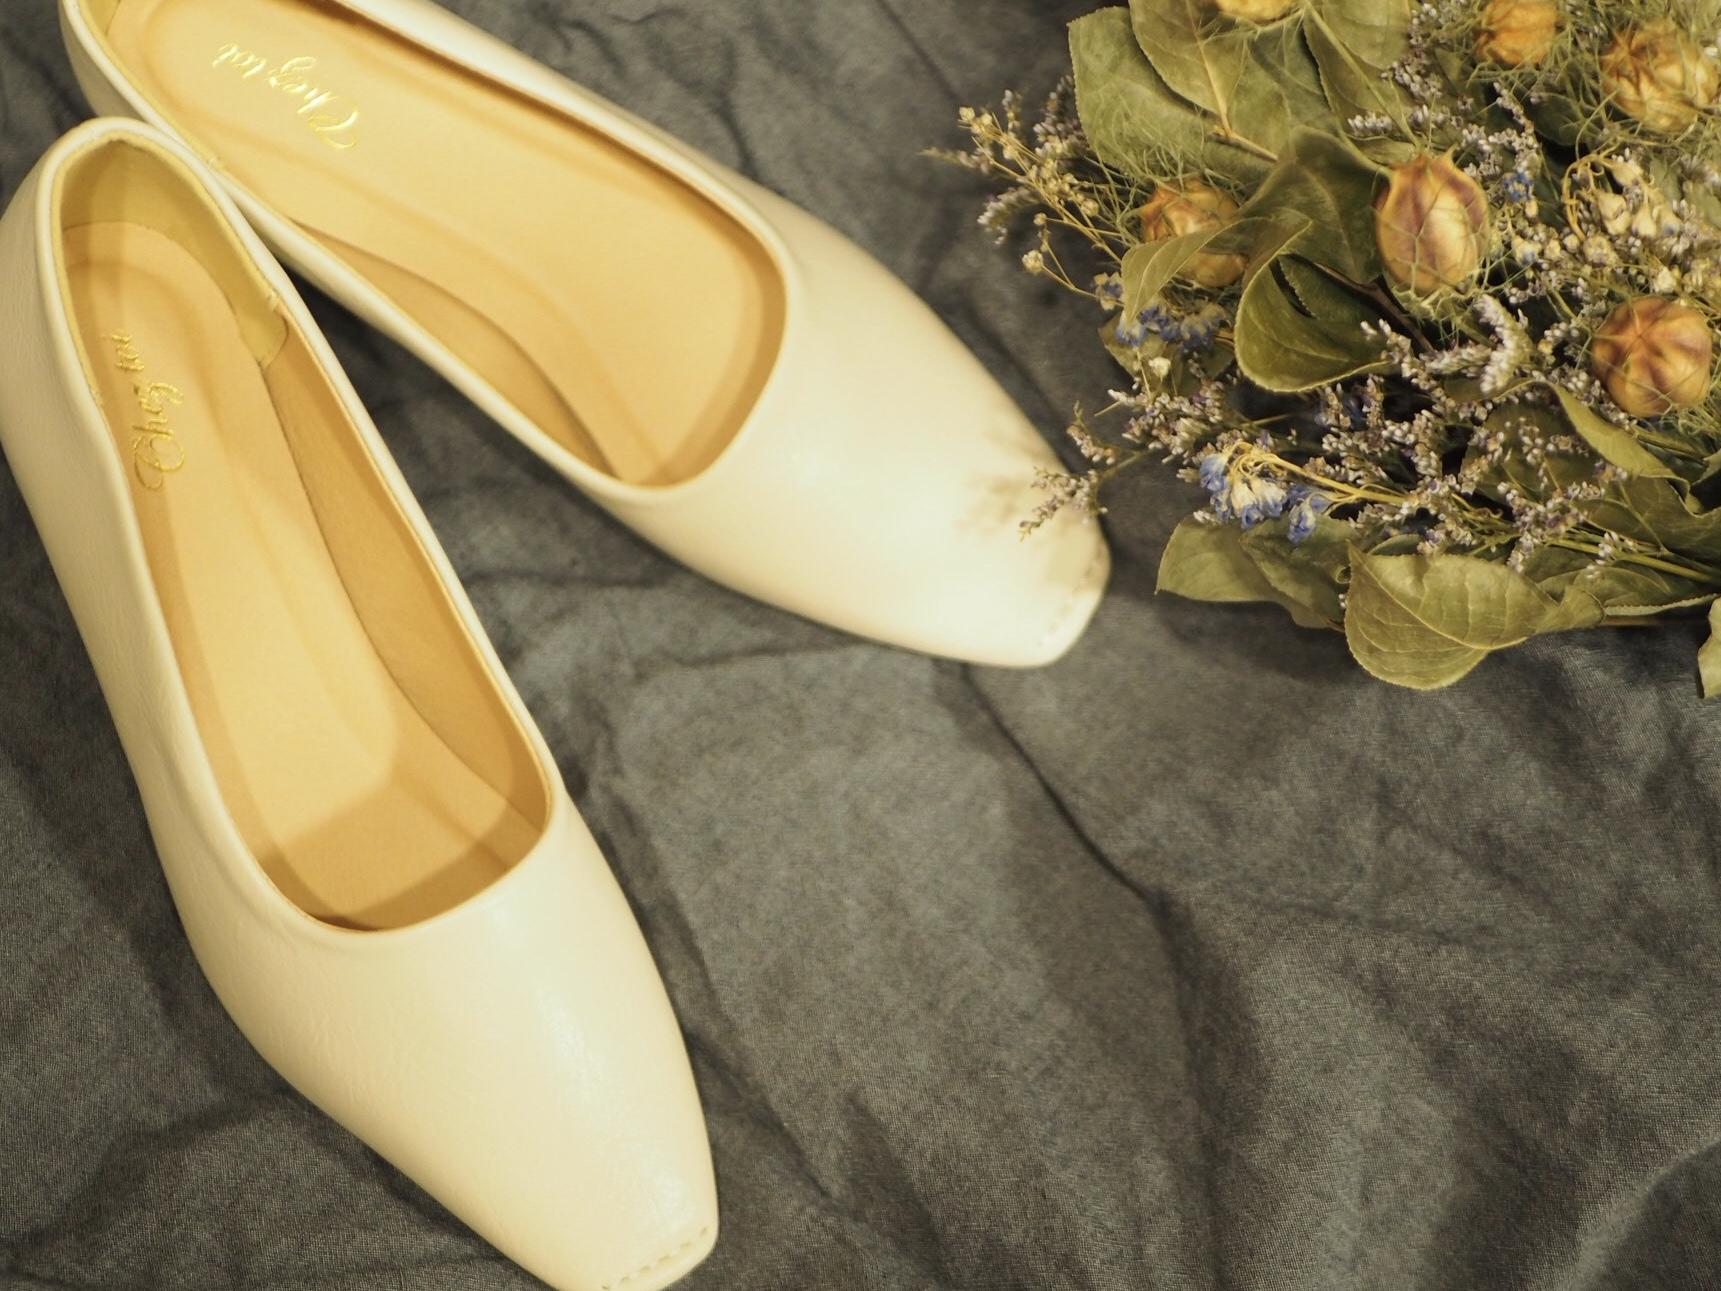 【プチプラ春靴】ホワイトカラーの《スクエアトゥシューズ》❃❃❃_1